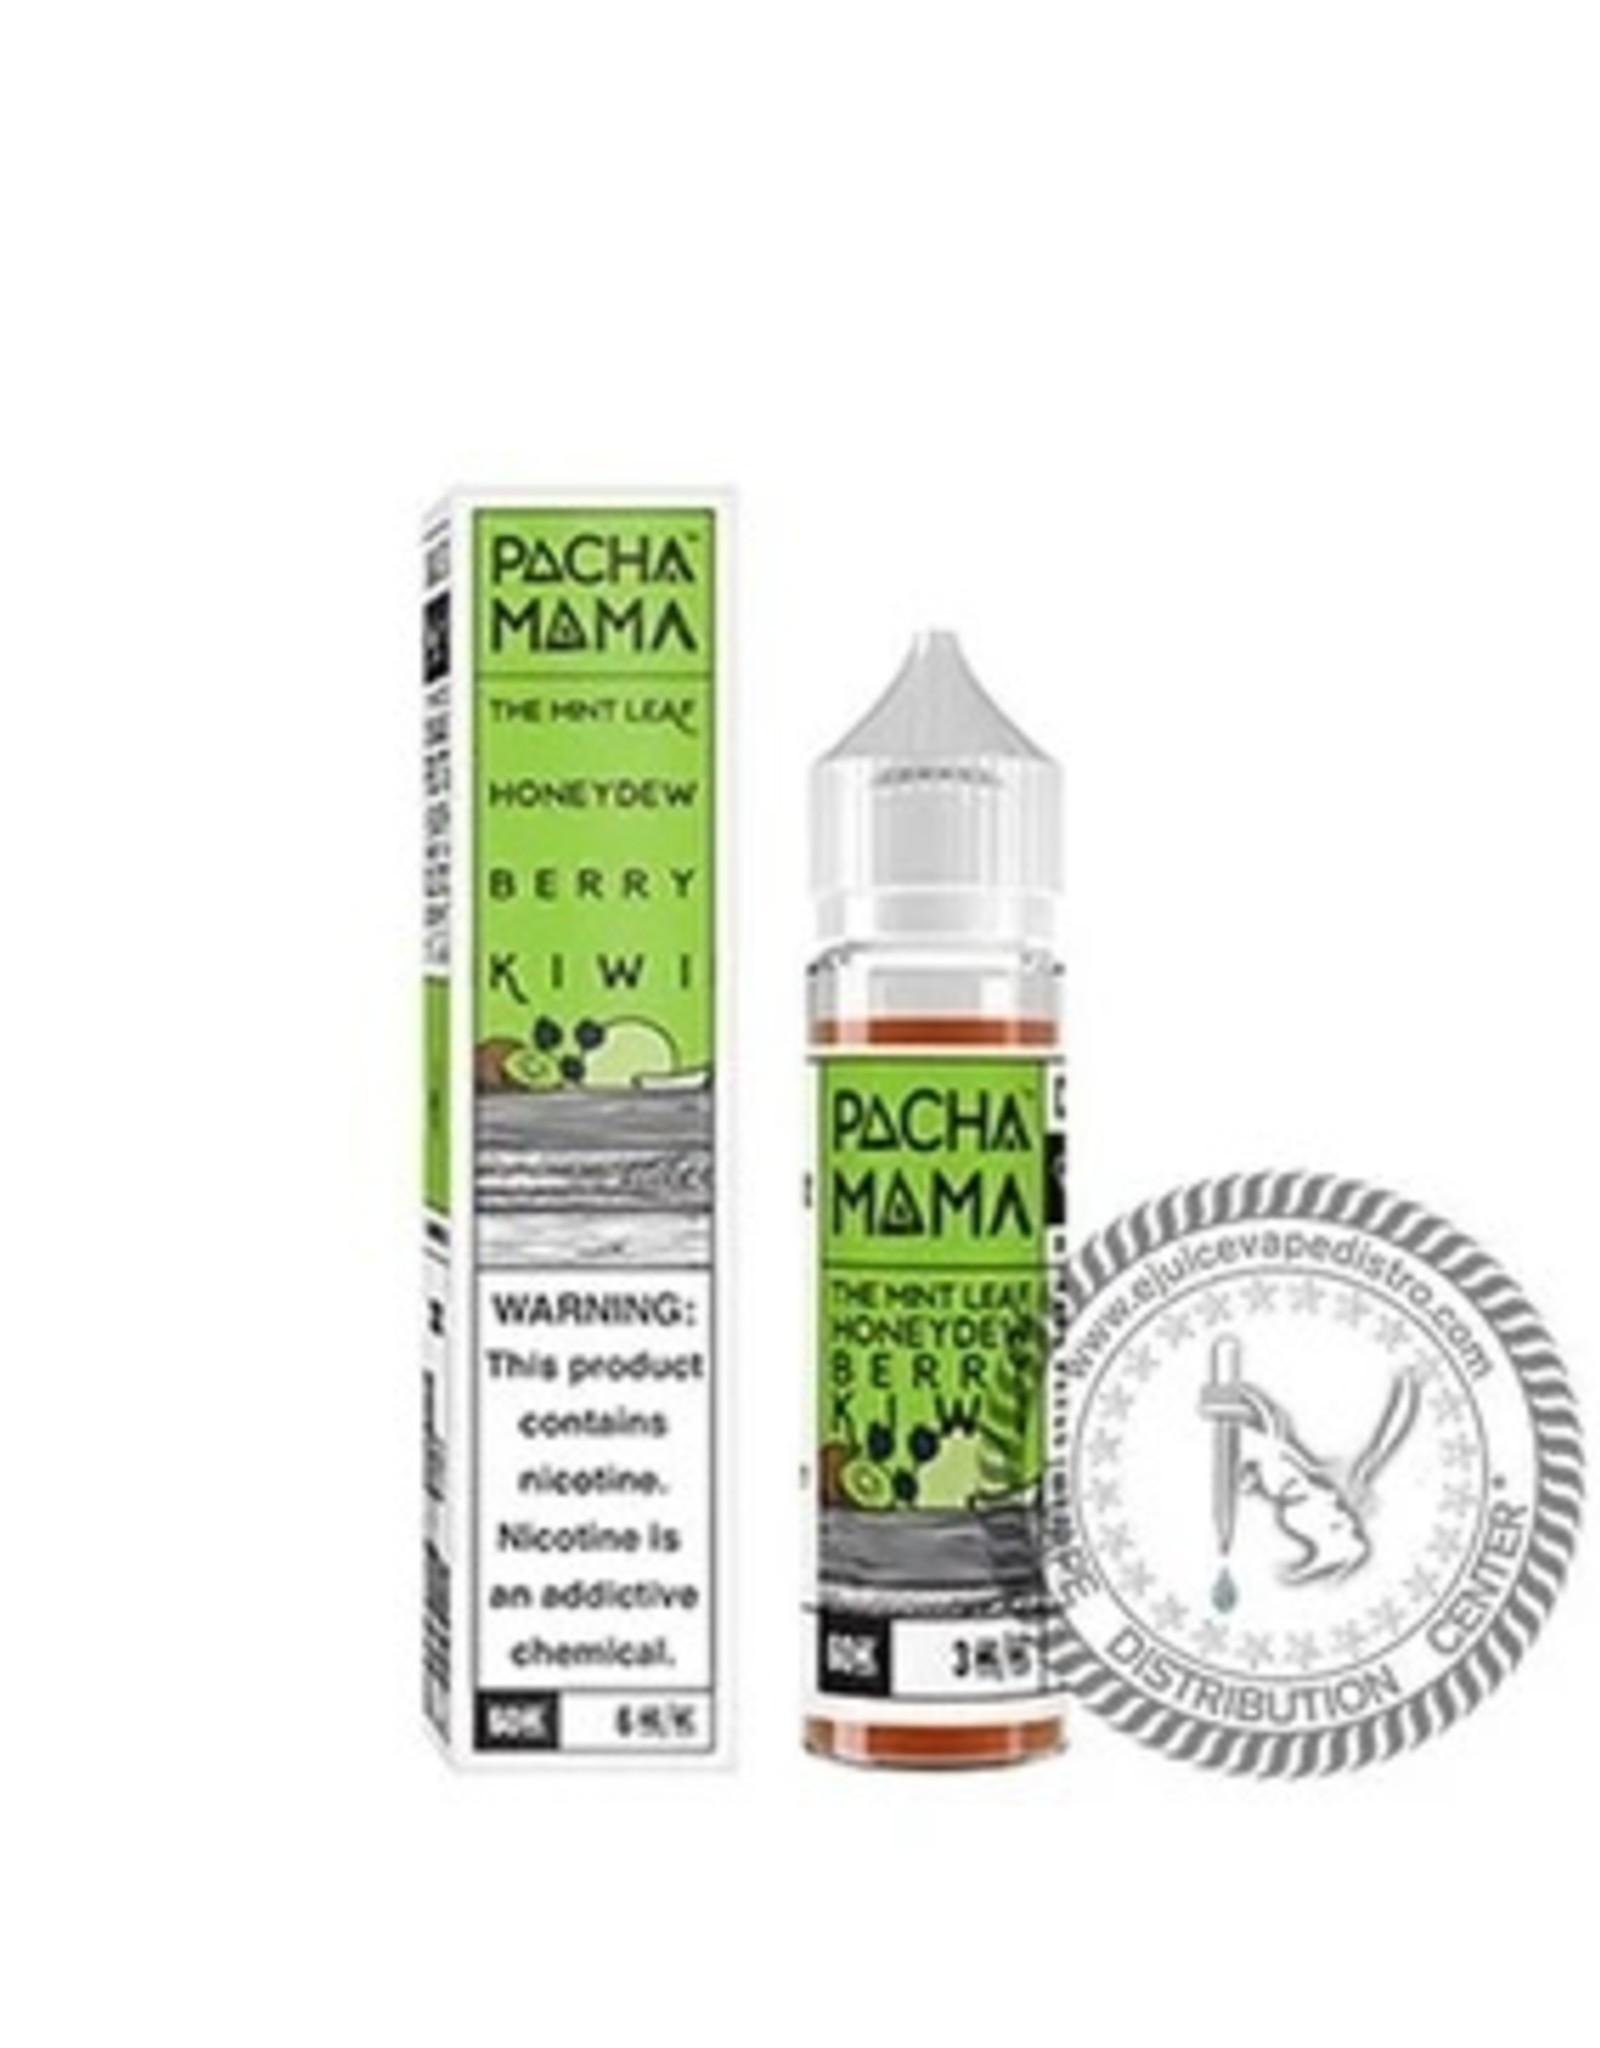 Pacha Mama Mint Honeydew Berry By Pacha Mama